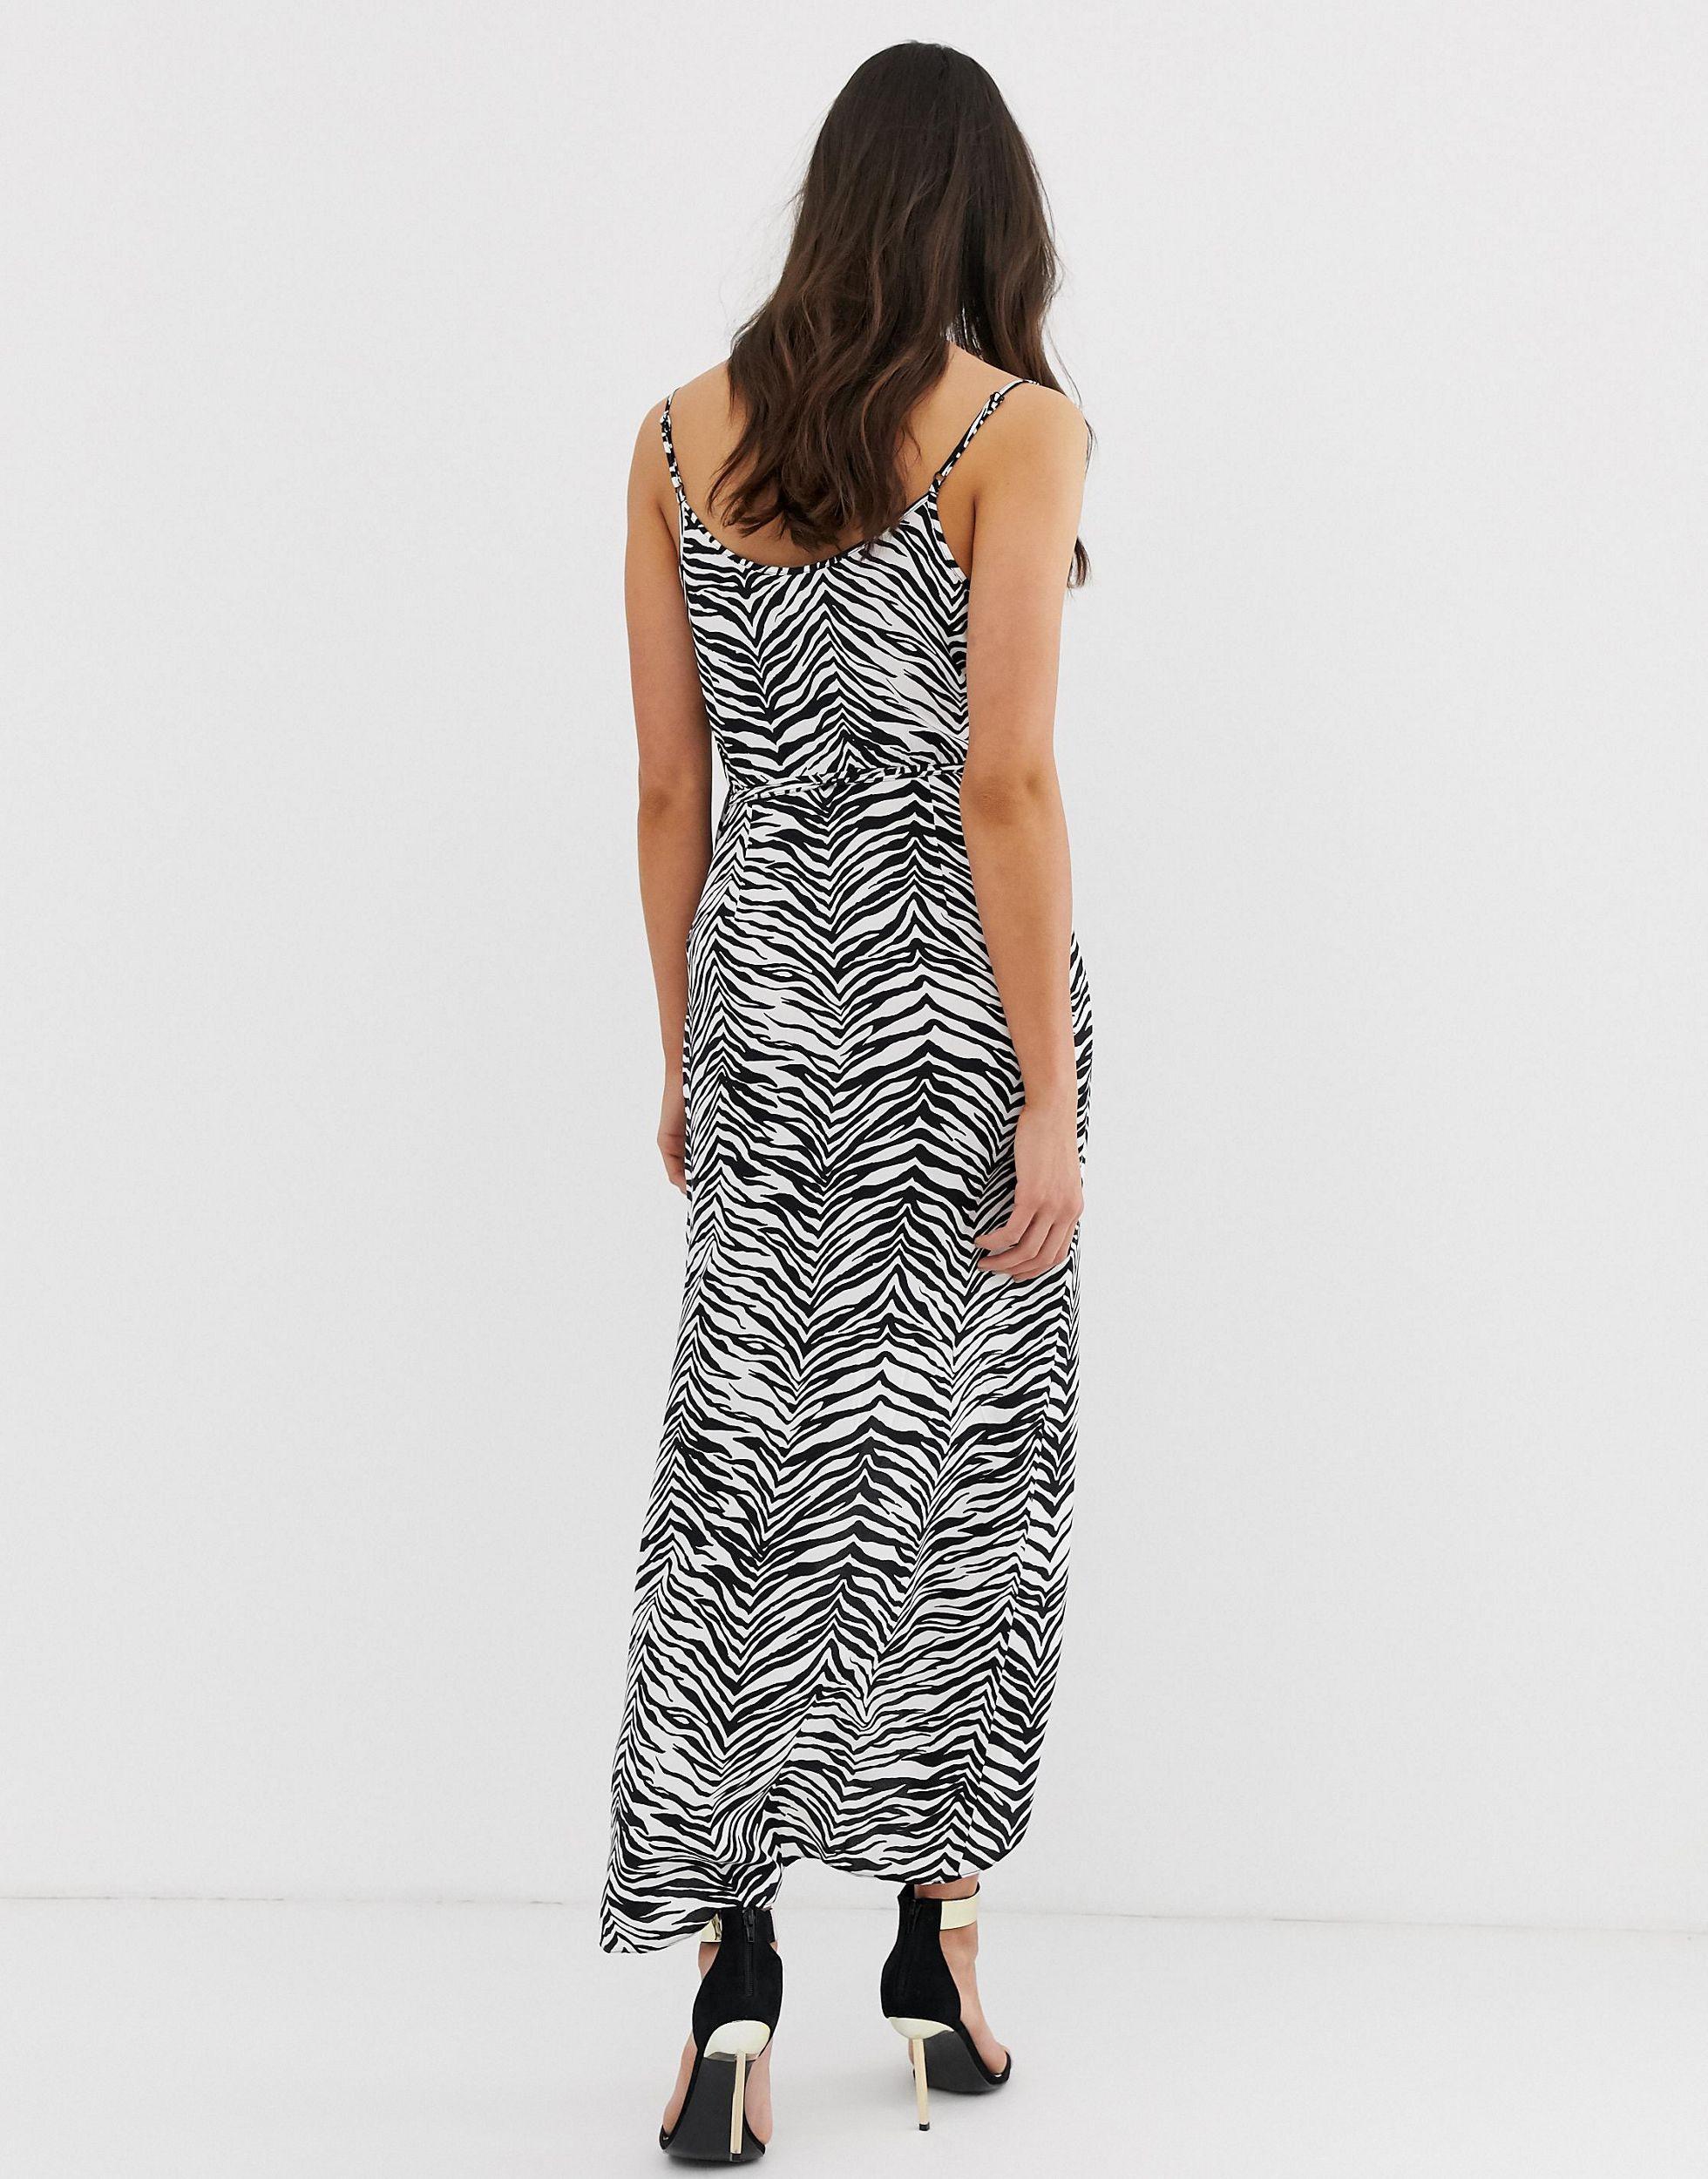 ASOS DESIGN Tall - Robe cache-cœur longue à fines bretelles et imprimé zébré - Noir et blanc en Synthétique ASOS